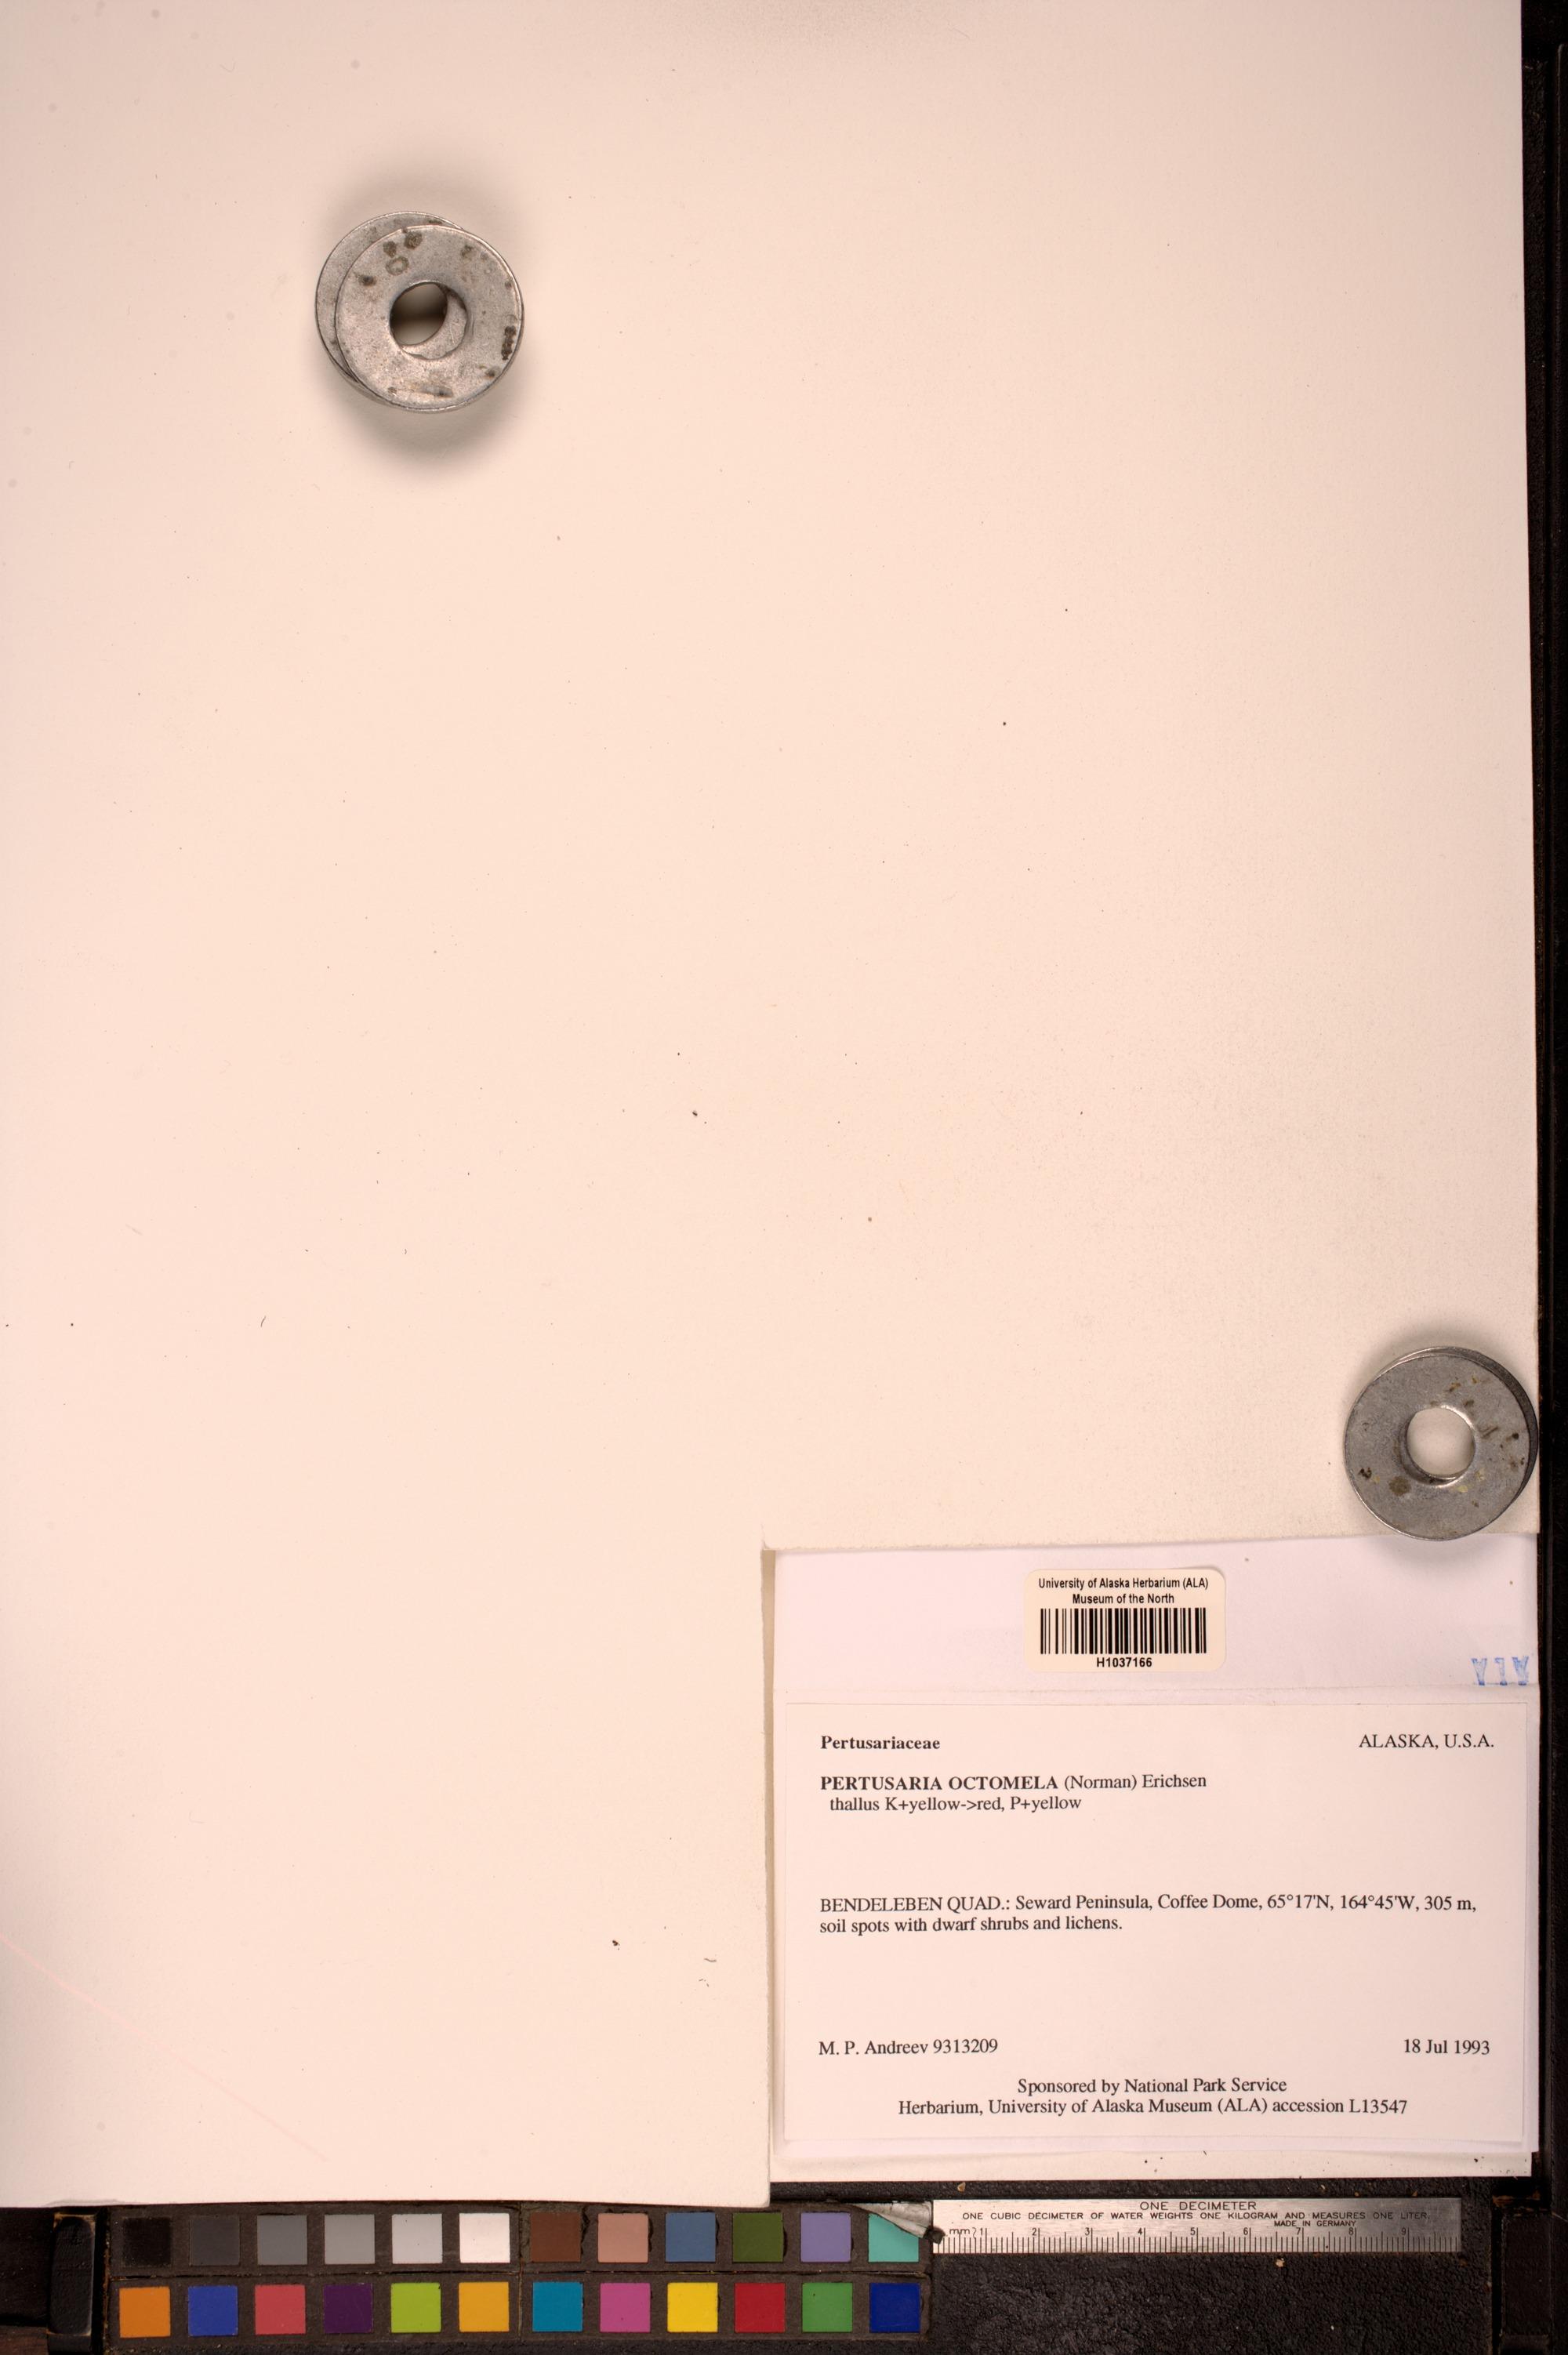 Pertusaria octomela image